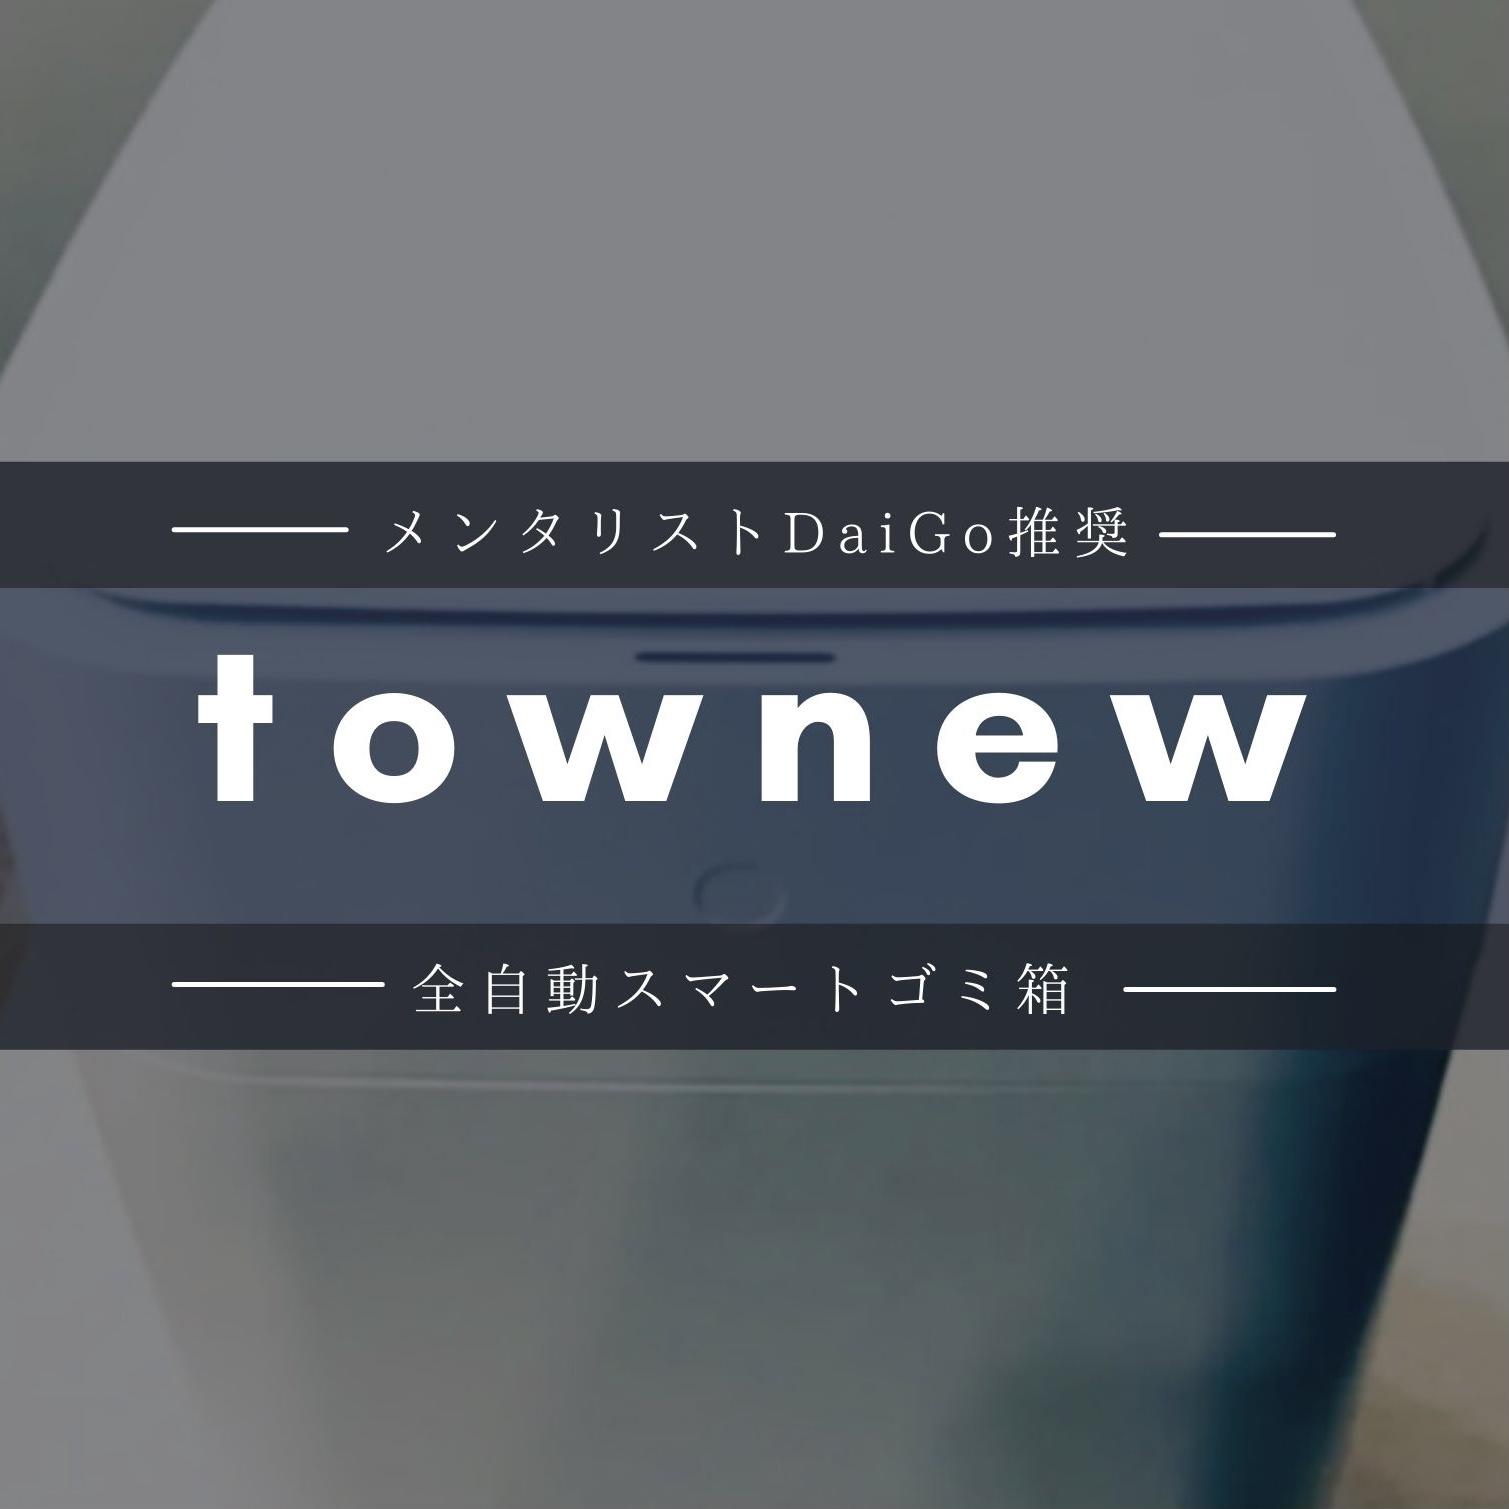 【メンタリストDaiGo】おすすめ全自動スマートゴミ箱『townew』【ゴミ捨てからの解放】